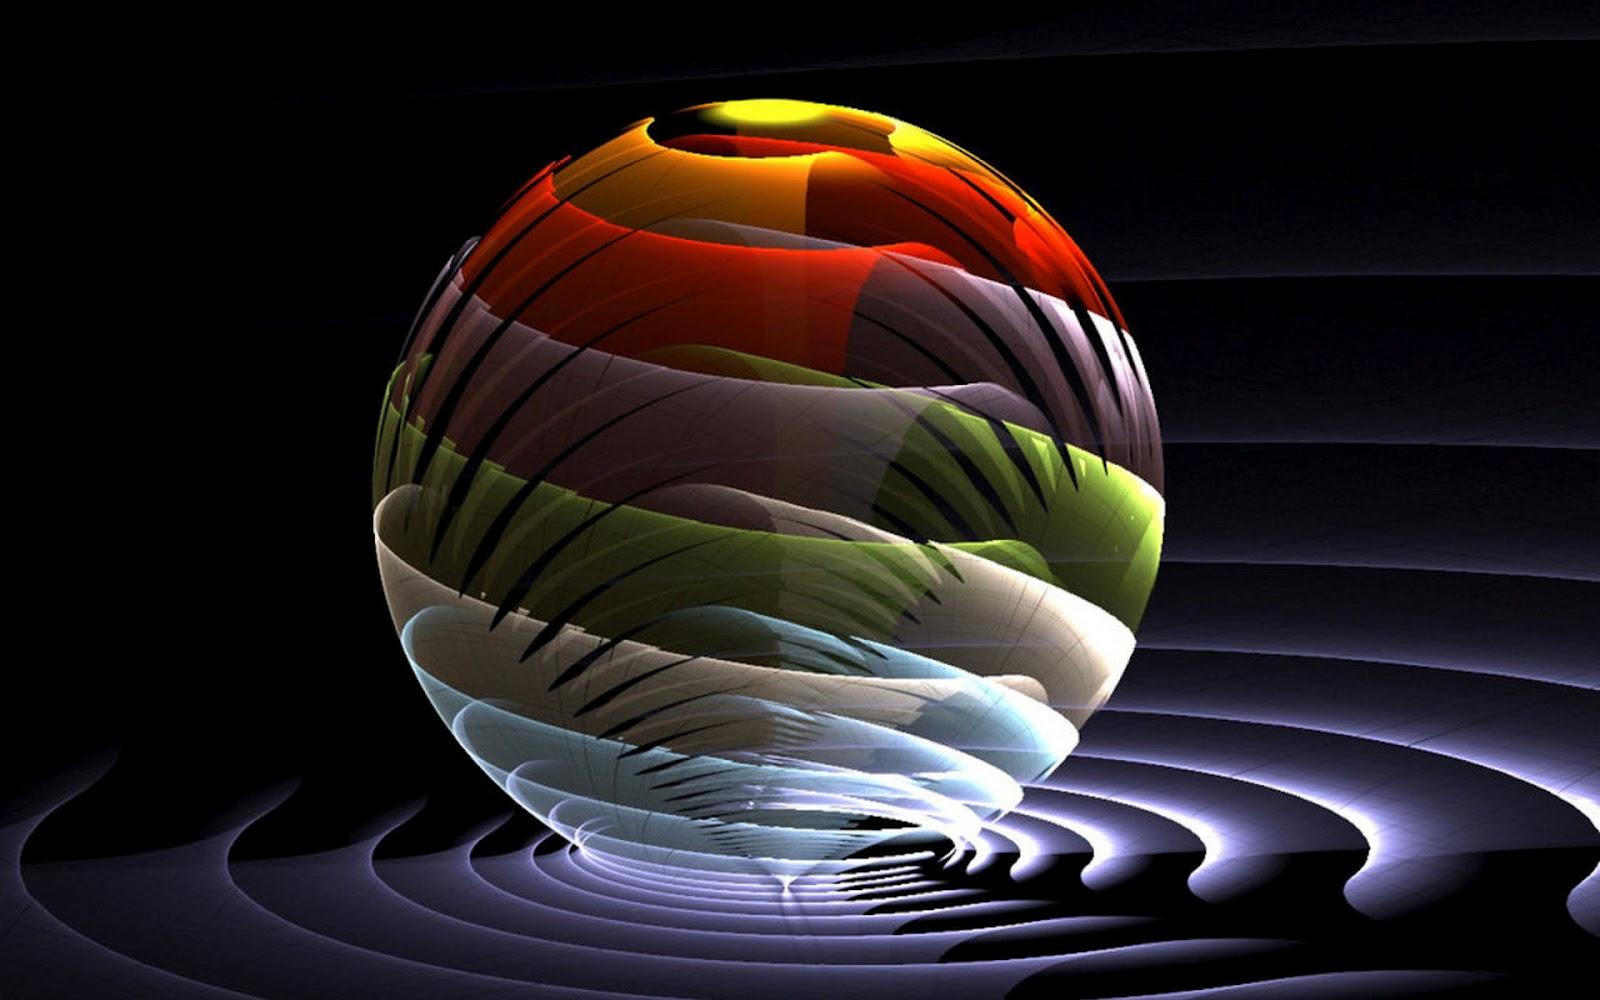 http://4.bp.blogspot.com/-F1_Dc48XNM8/T78U9-tCIjI/AAAAAAAAAxQ/j8372Za6z5o/s1600/3dwide83.jpg